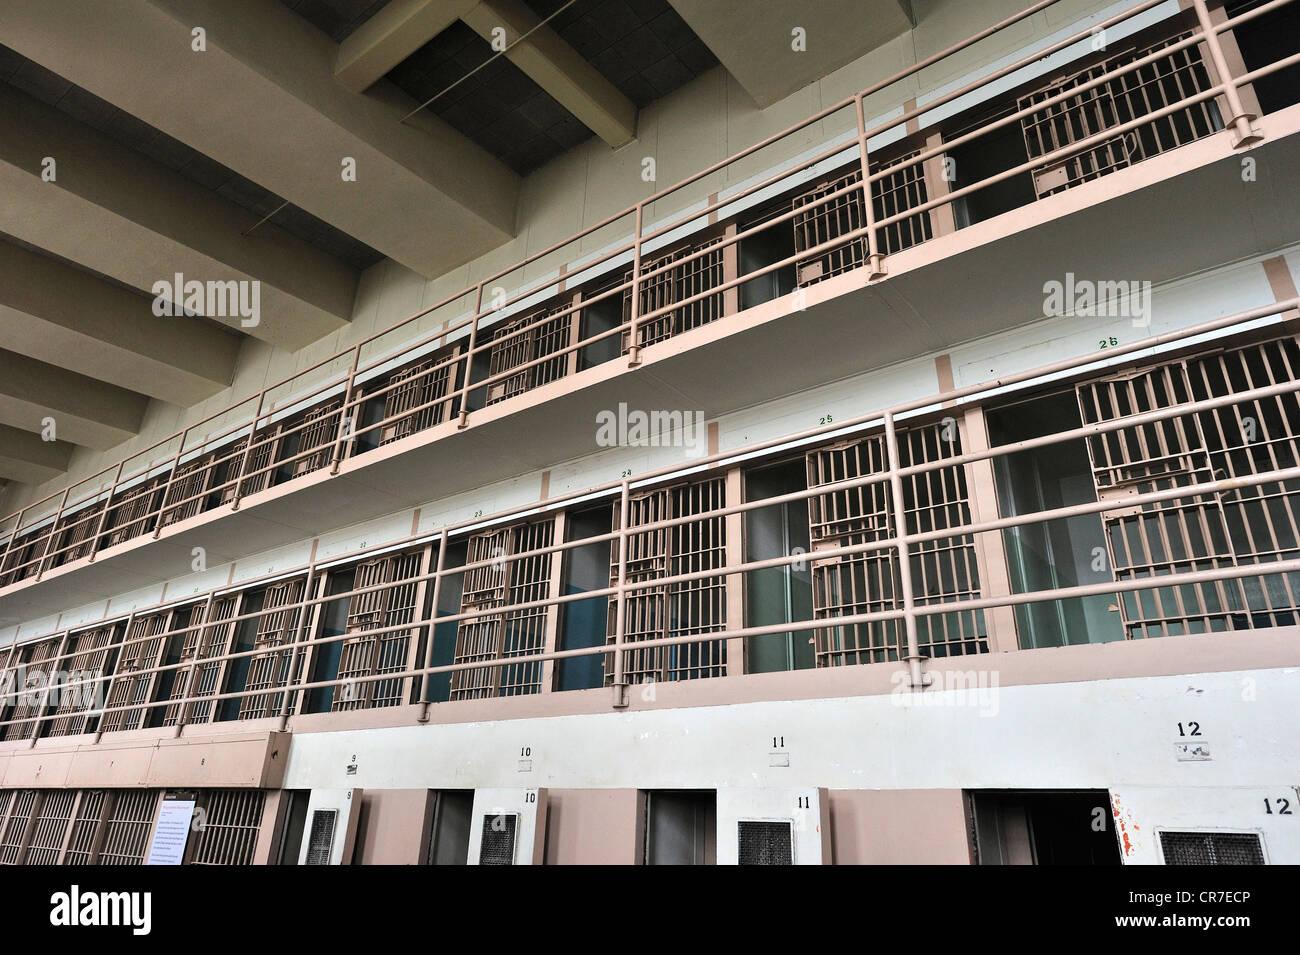 Blocco di cella D in prigione per prigionieri speciali come Al Capone, Isola di Alcatraz, CALIFORNIA, STATI UNITI Immagini Stock